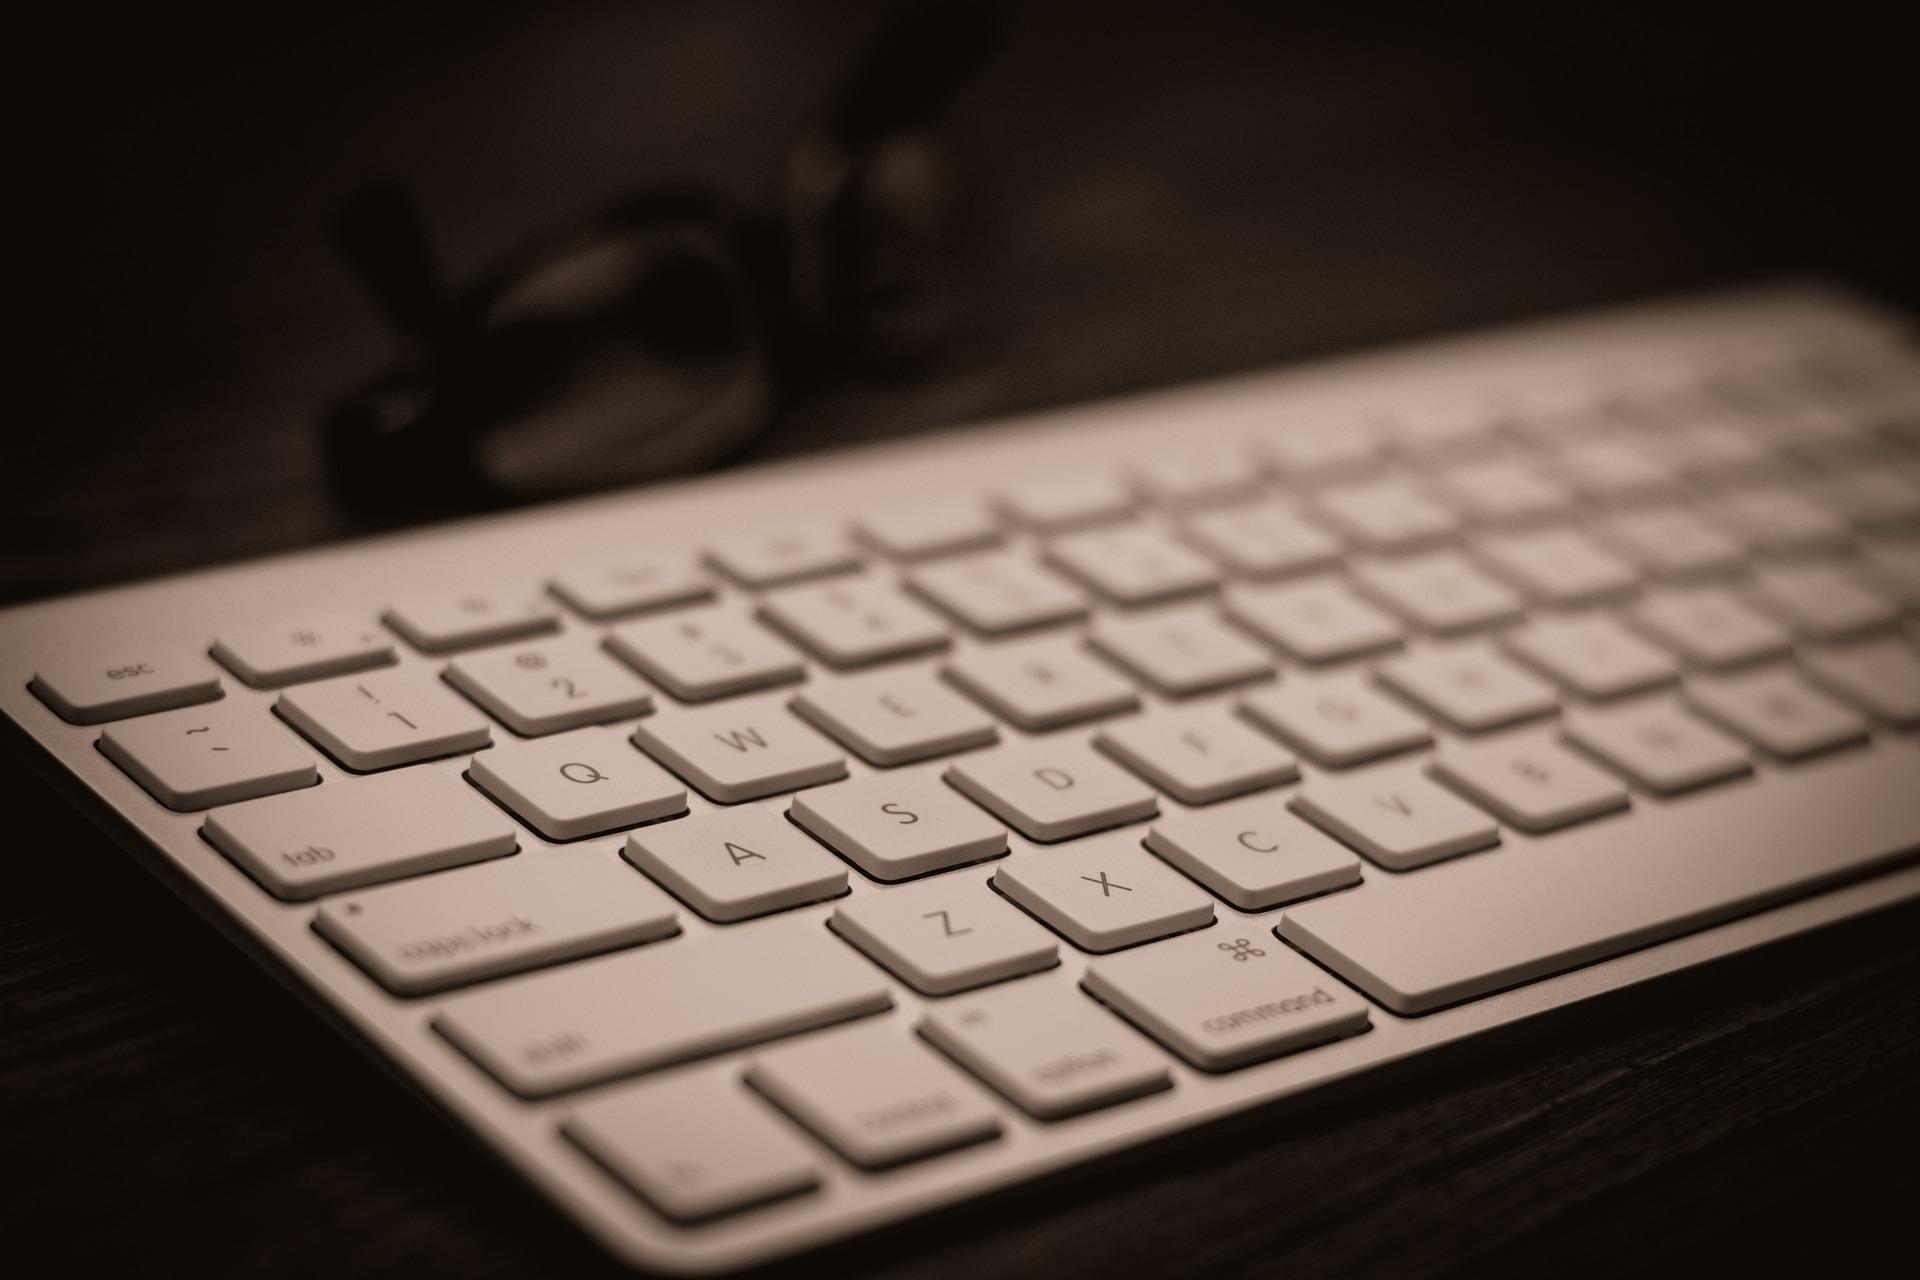 Pulizia tastiera del computer e del telefono autoproduciamo - Tastiera del letto ...